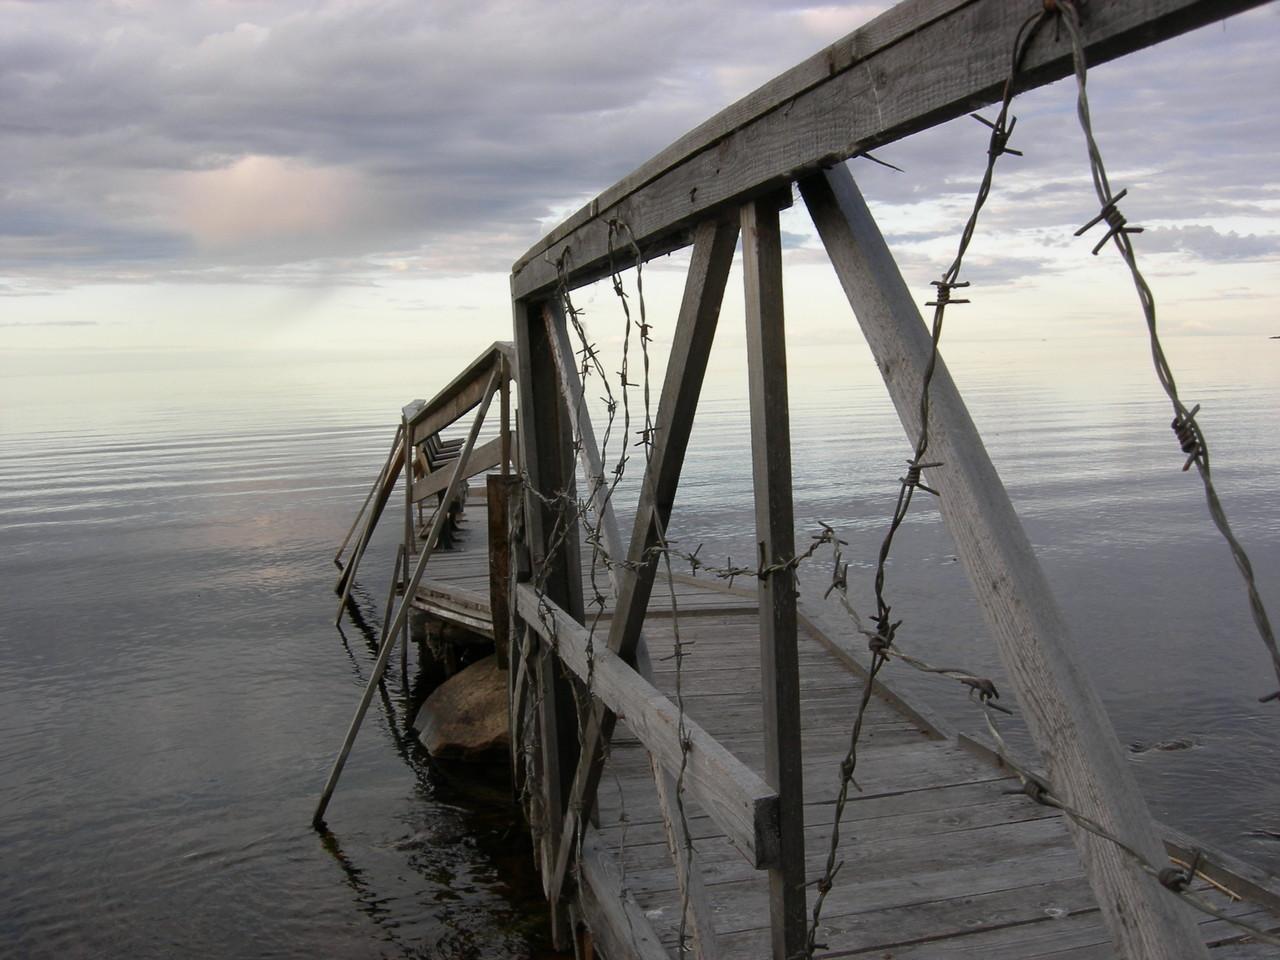 Stacheldraht bid weit in den See hinaus